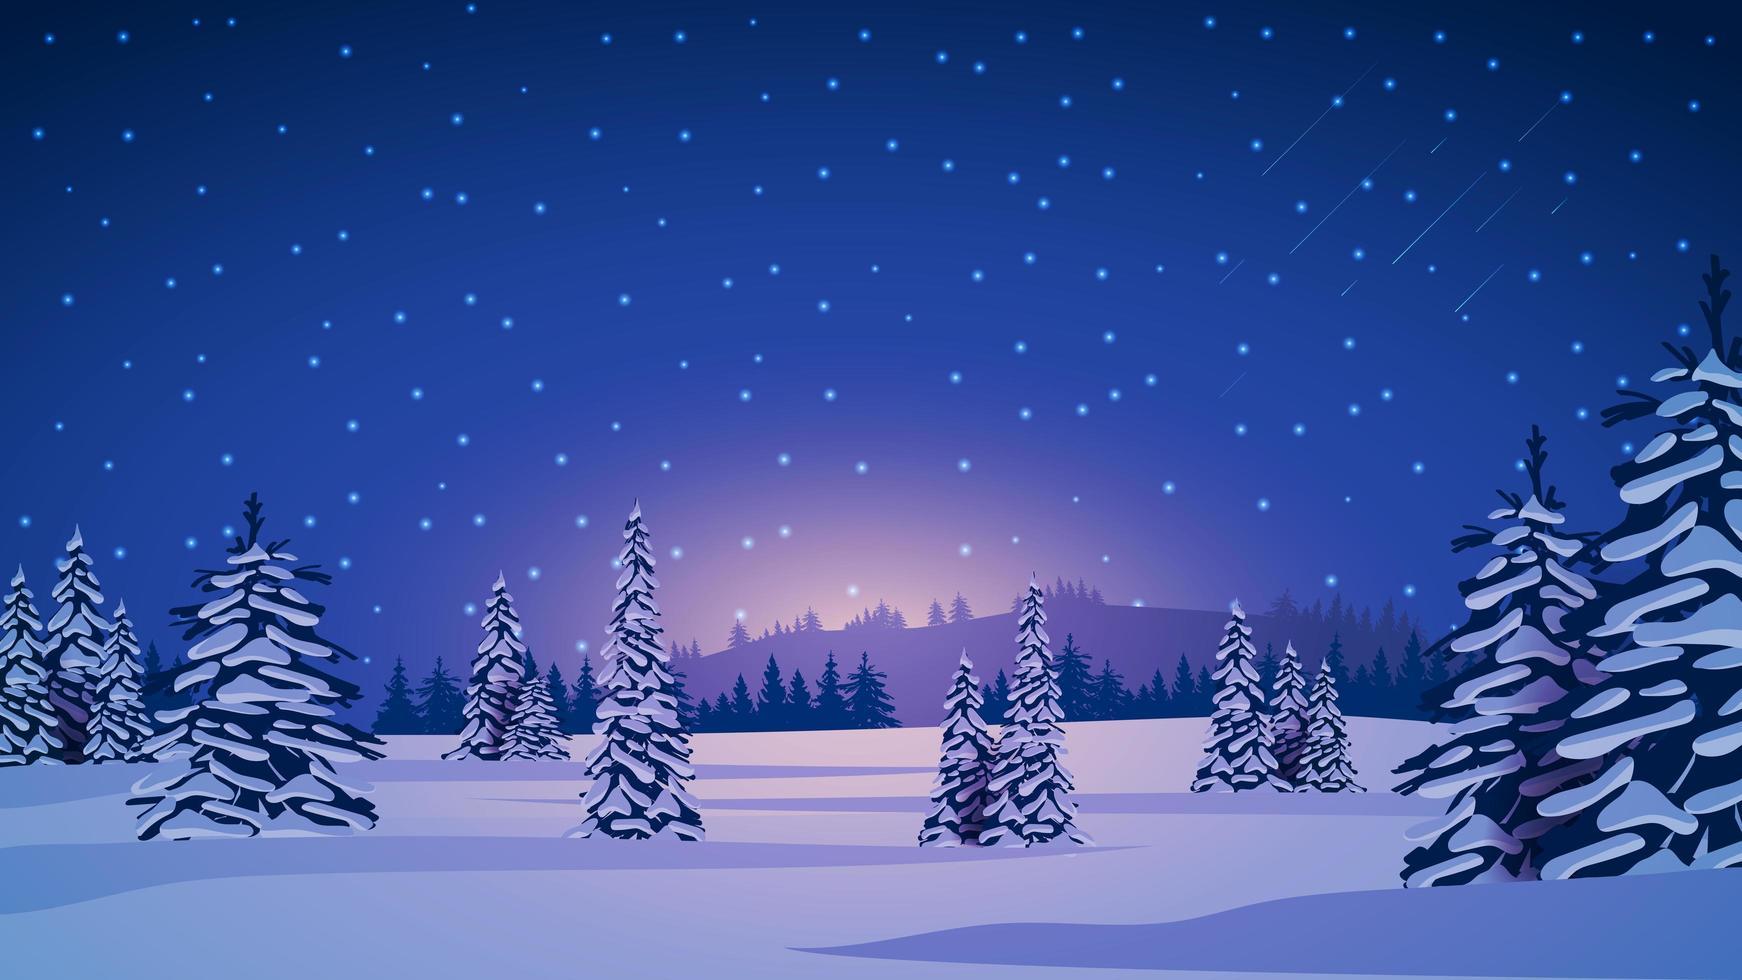 paysage d'hiver avec des pins couverts de neige vecteur